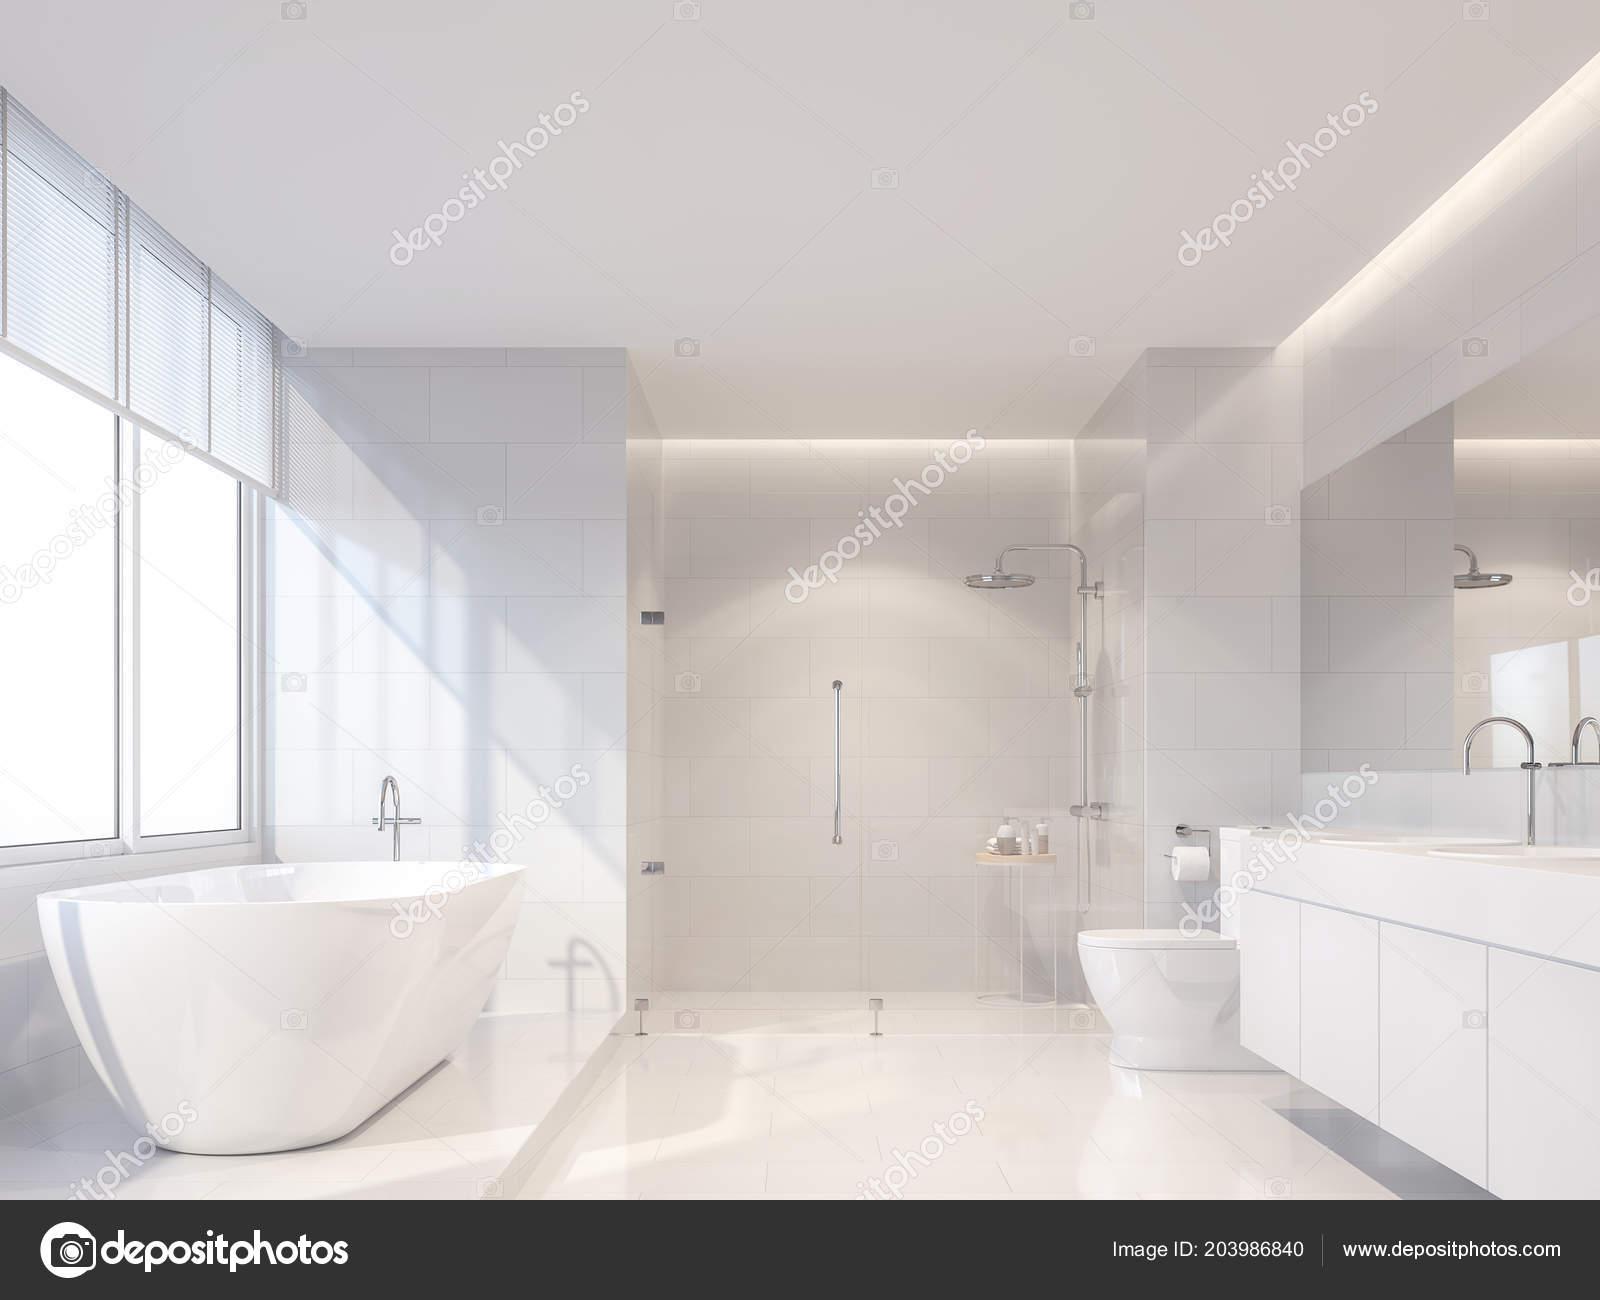 Nowoczesne Luksusowe Biały Render łazienki Tam Białe Płytki